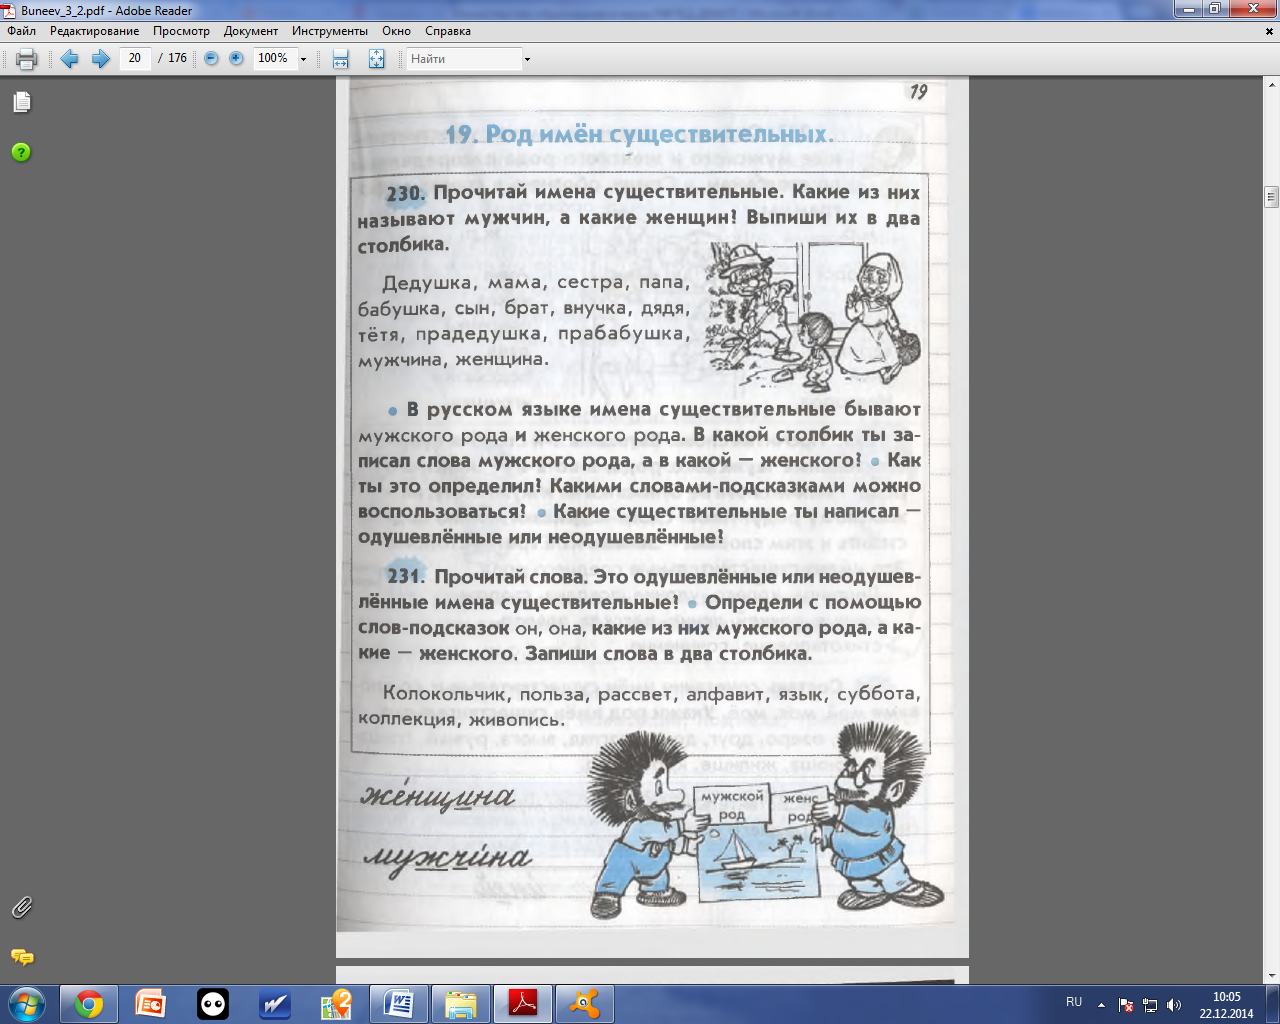 Бунеев 19.png